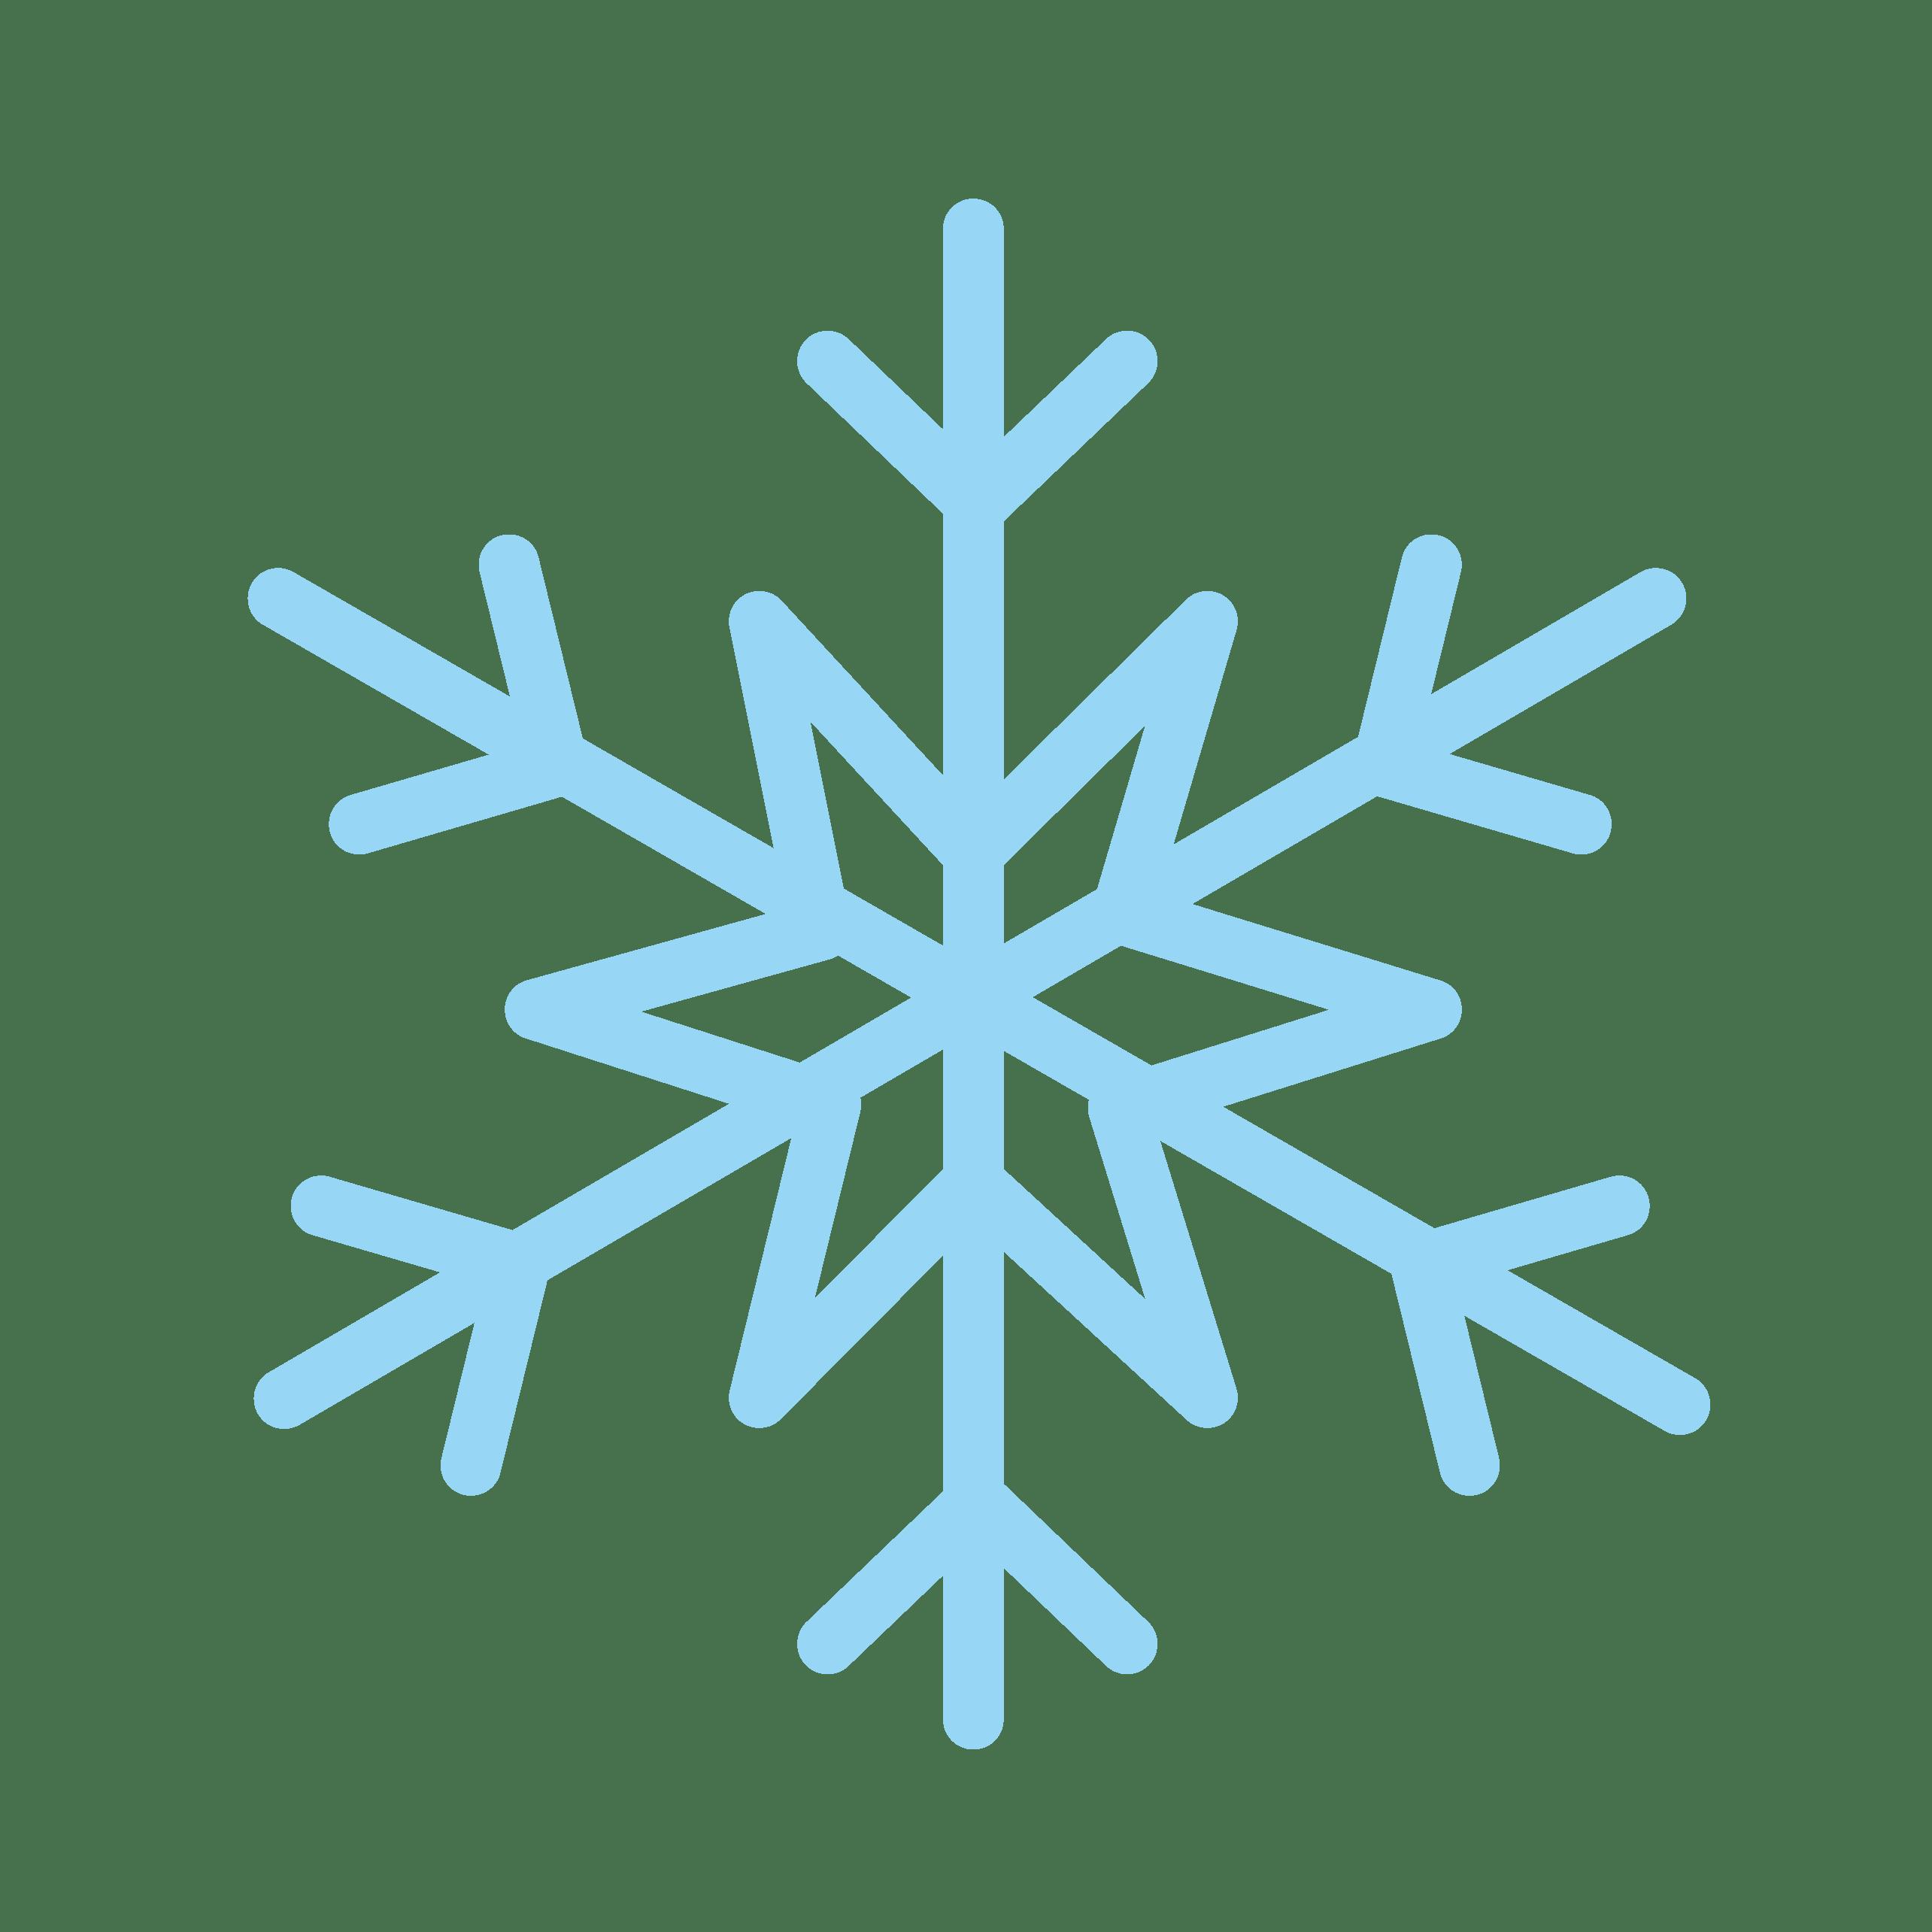 雪の結晶のかわいいイラスト画像素材フリー無料